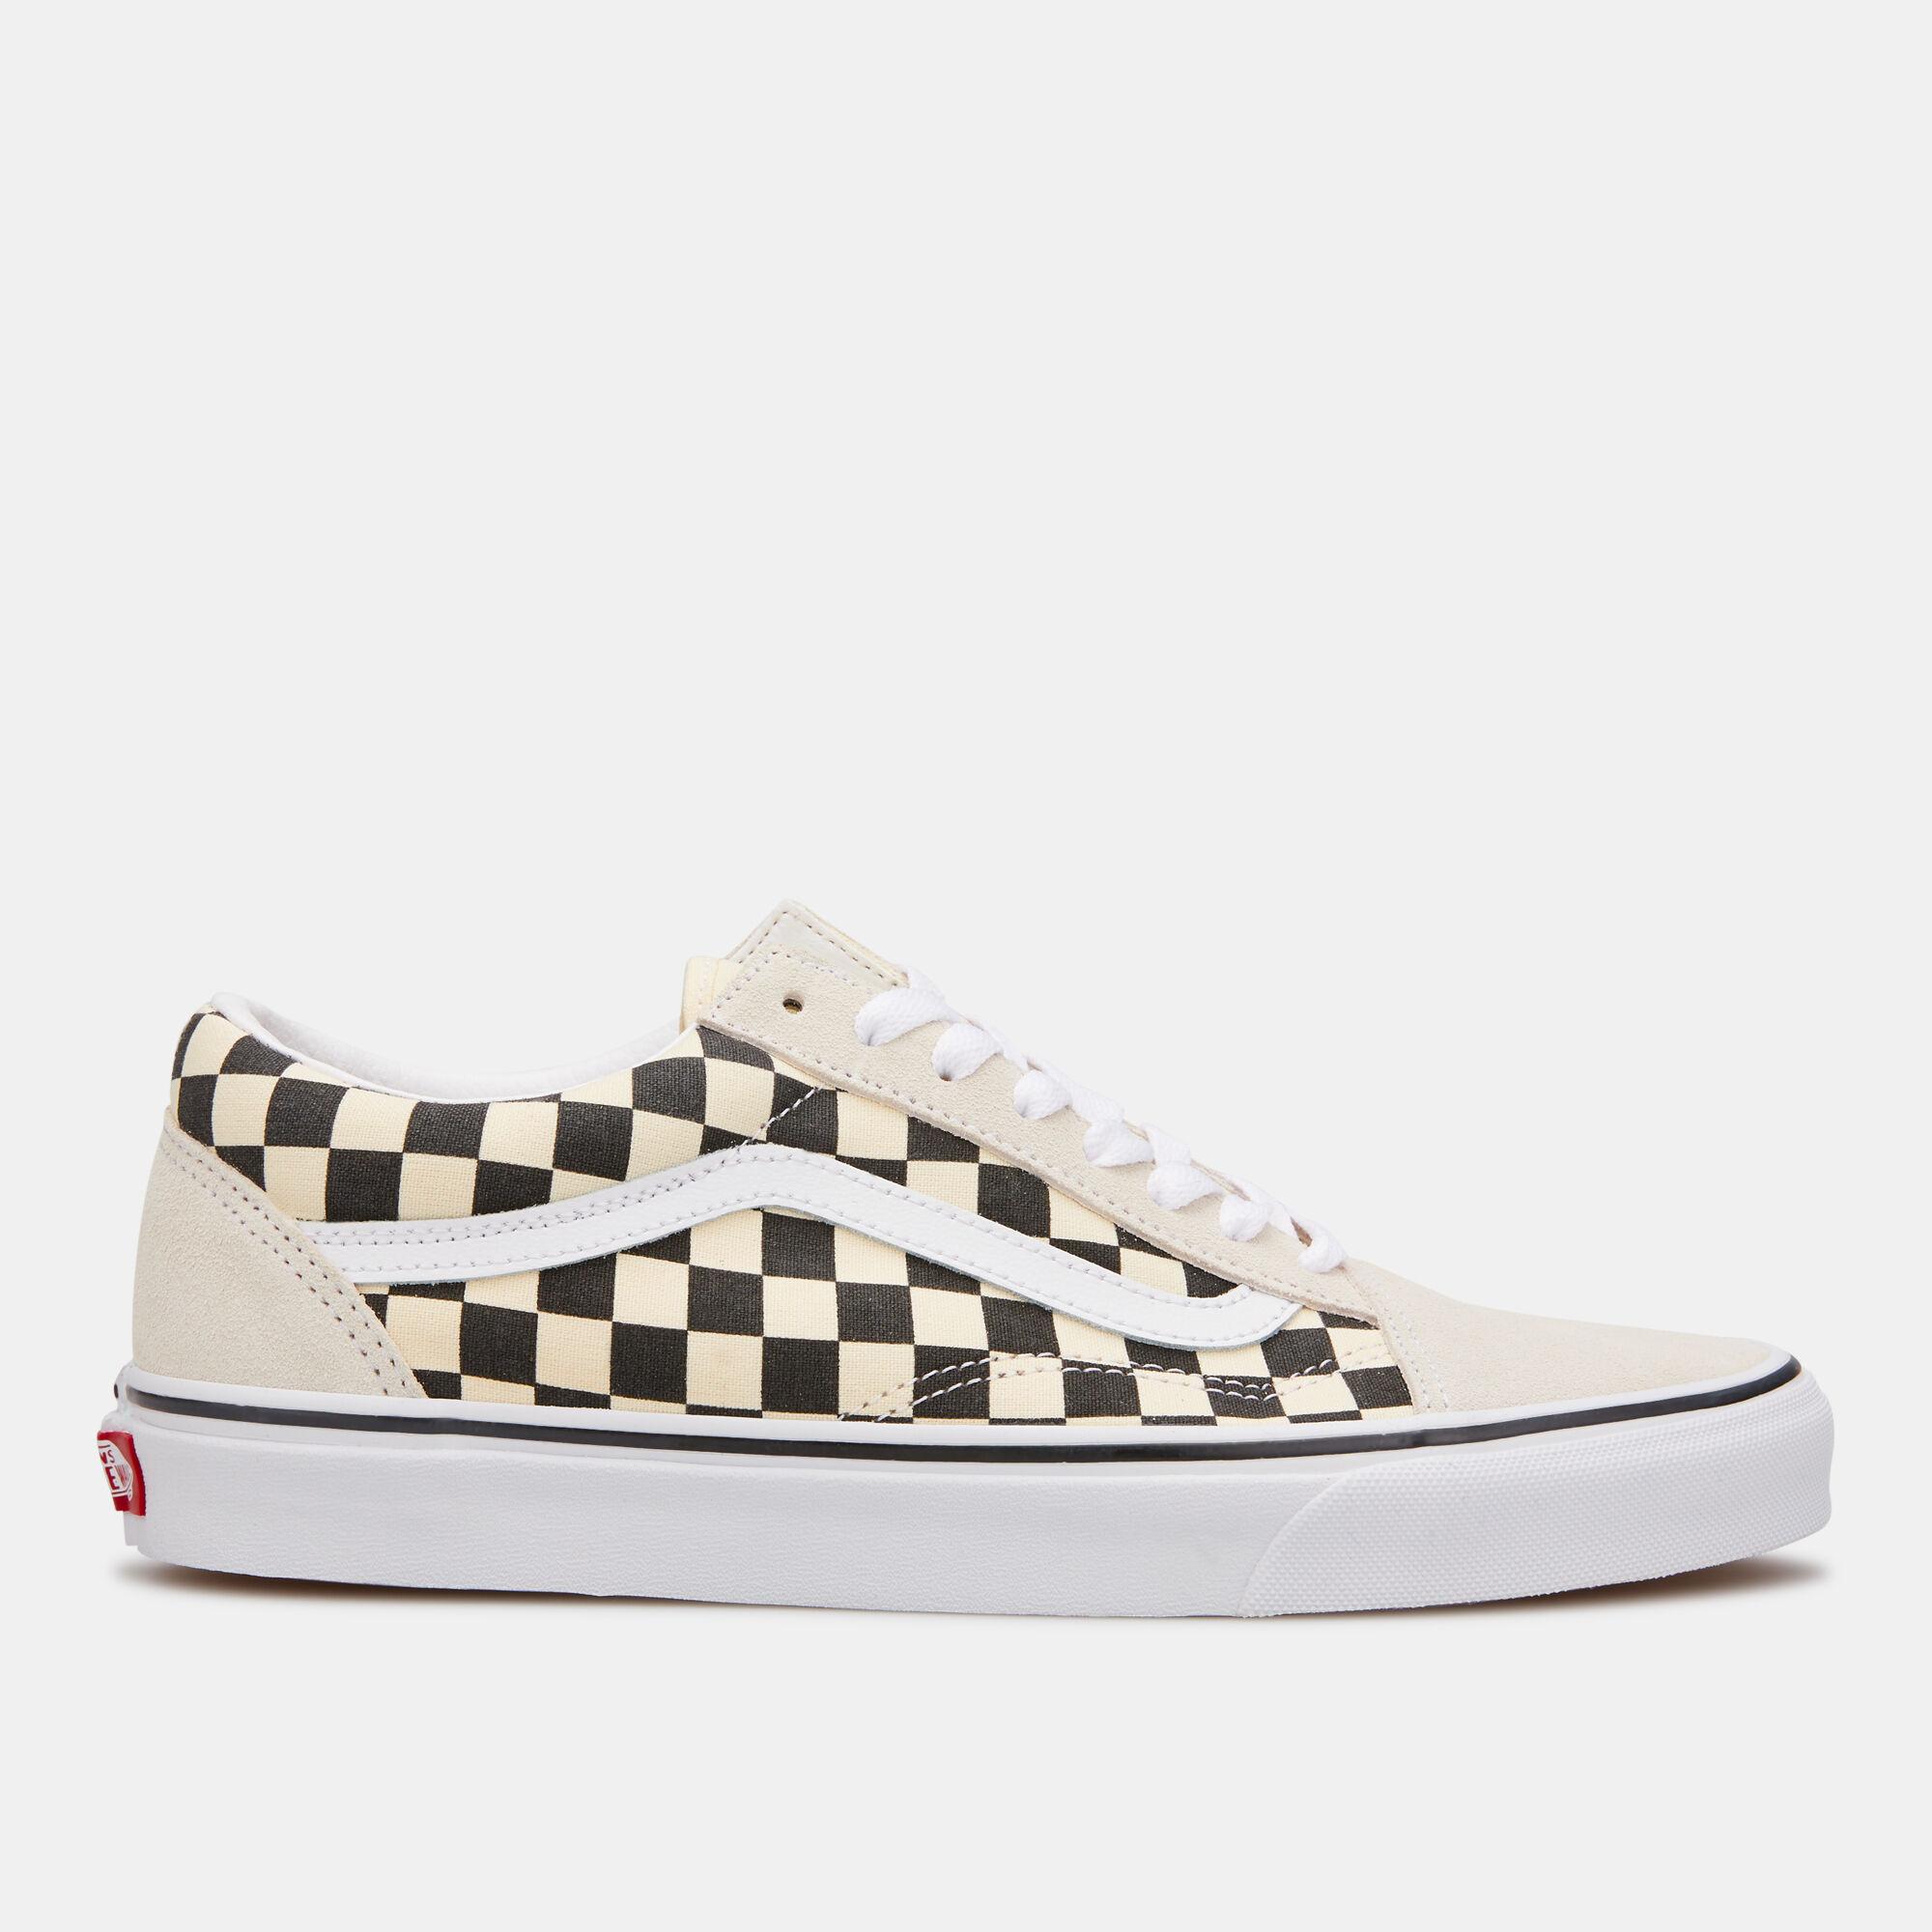 Buy Vans Checkerboard Old Skool Shoe in